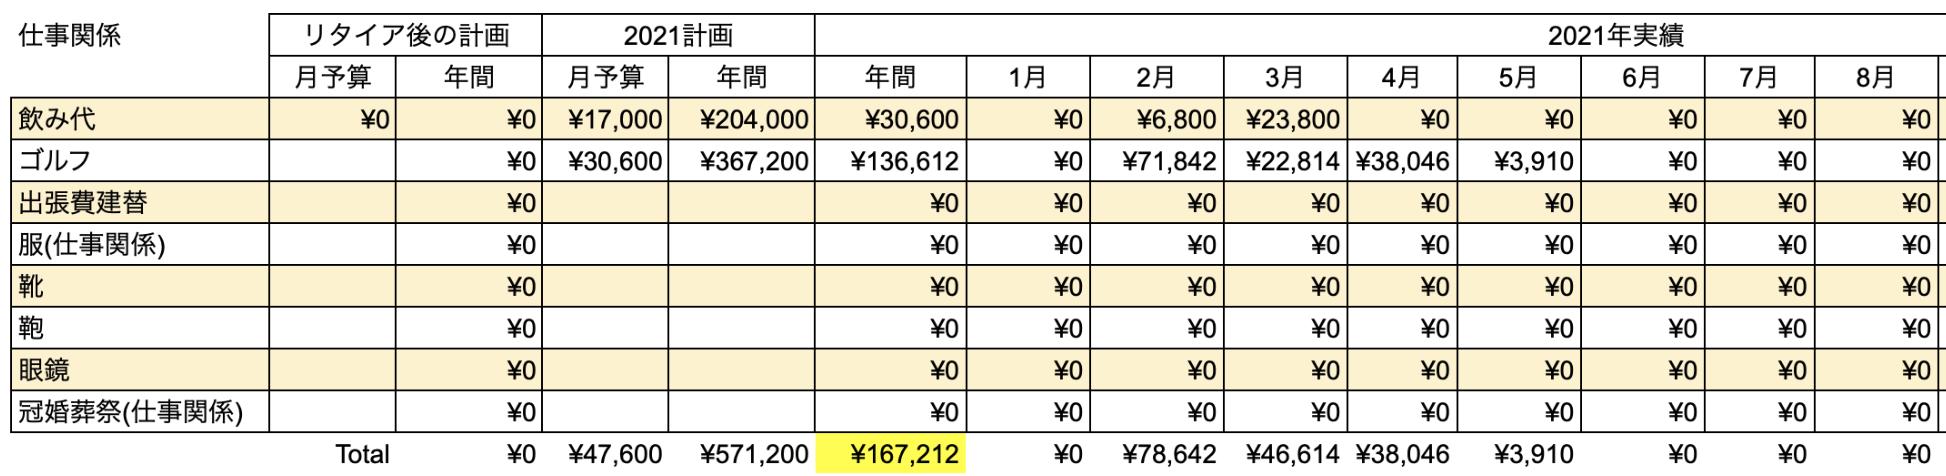 支出実績2021年8月_仕事関係費